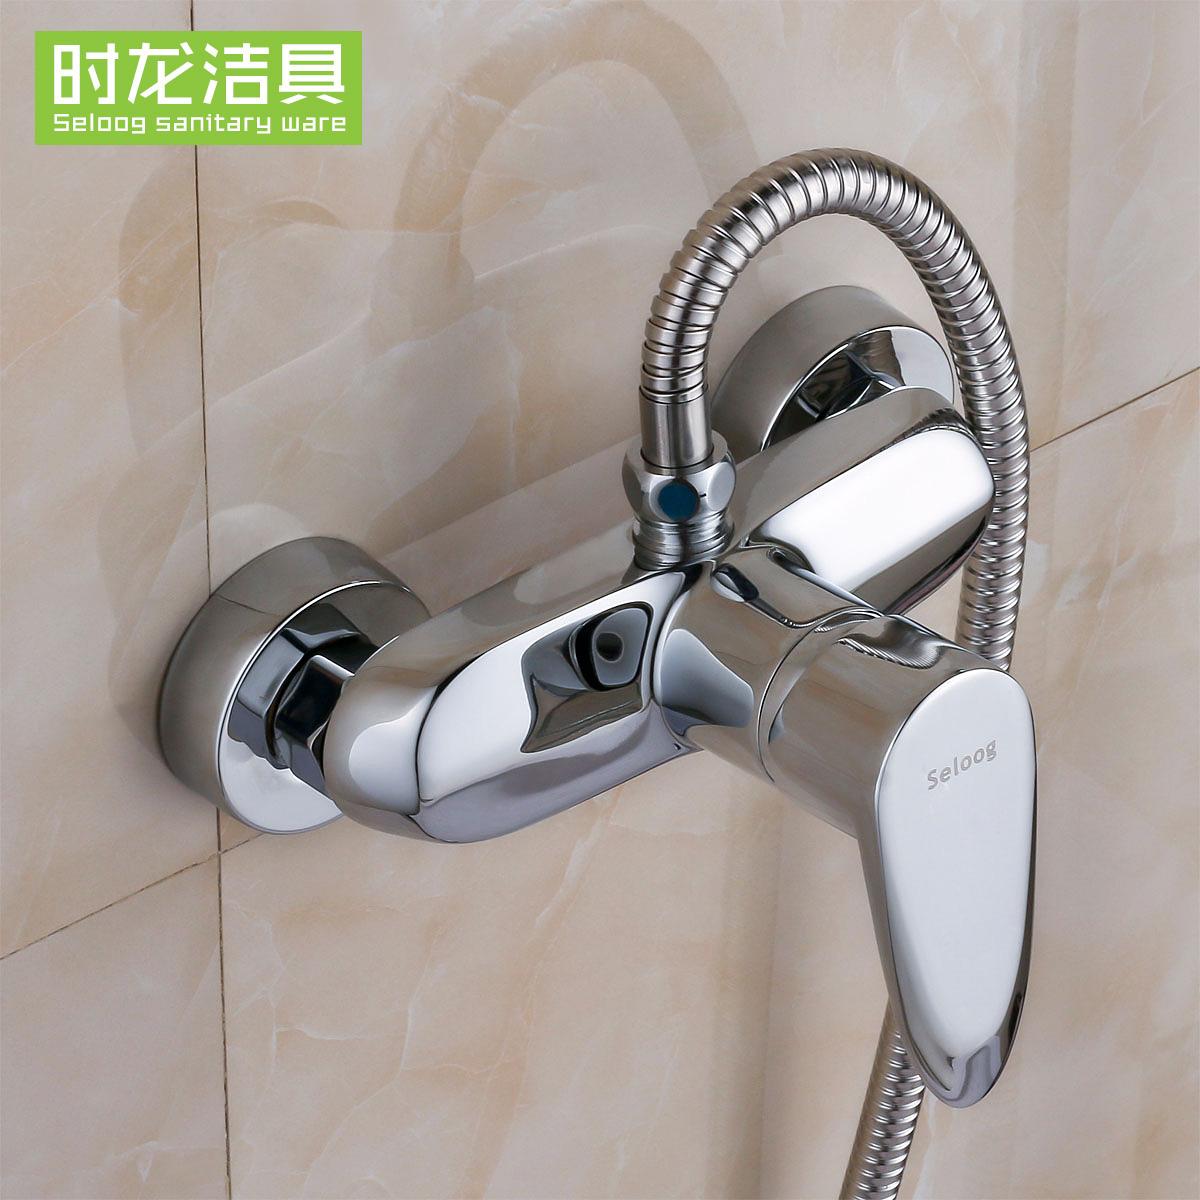 时龙单把全铜淋浴龙头S141006